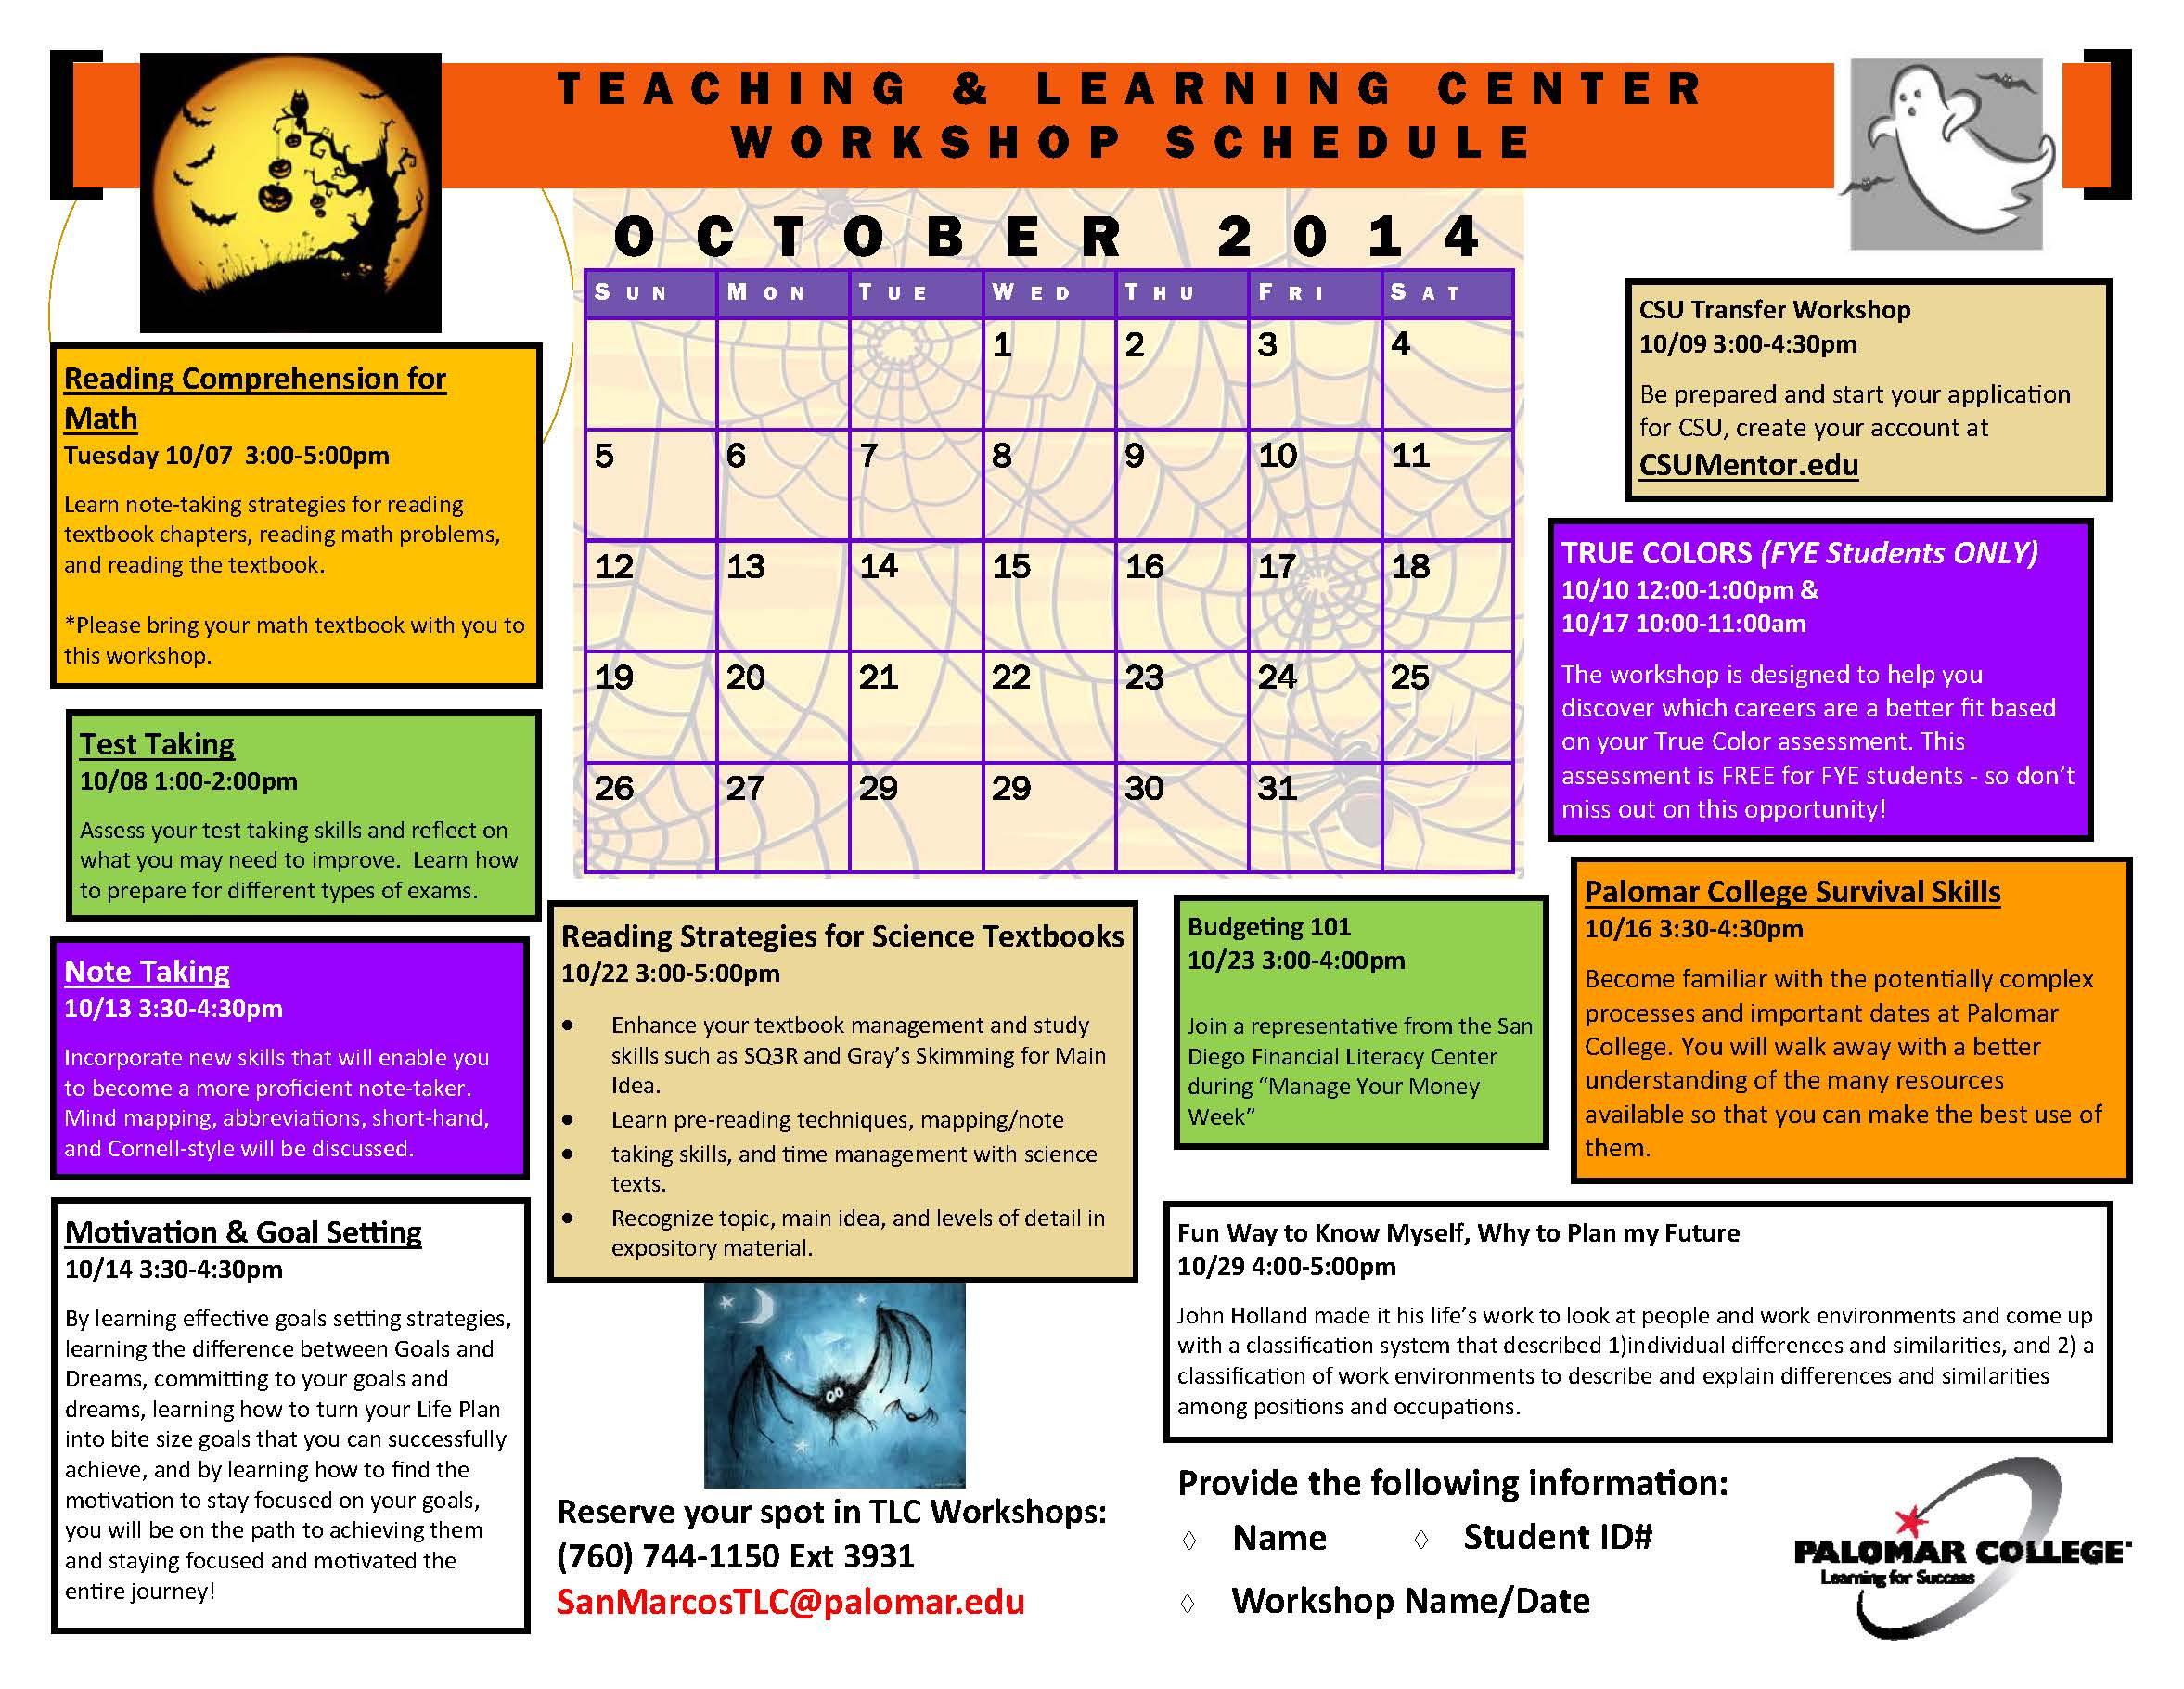 October 2014 workshop schedule